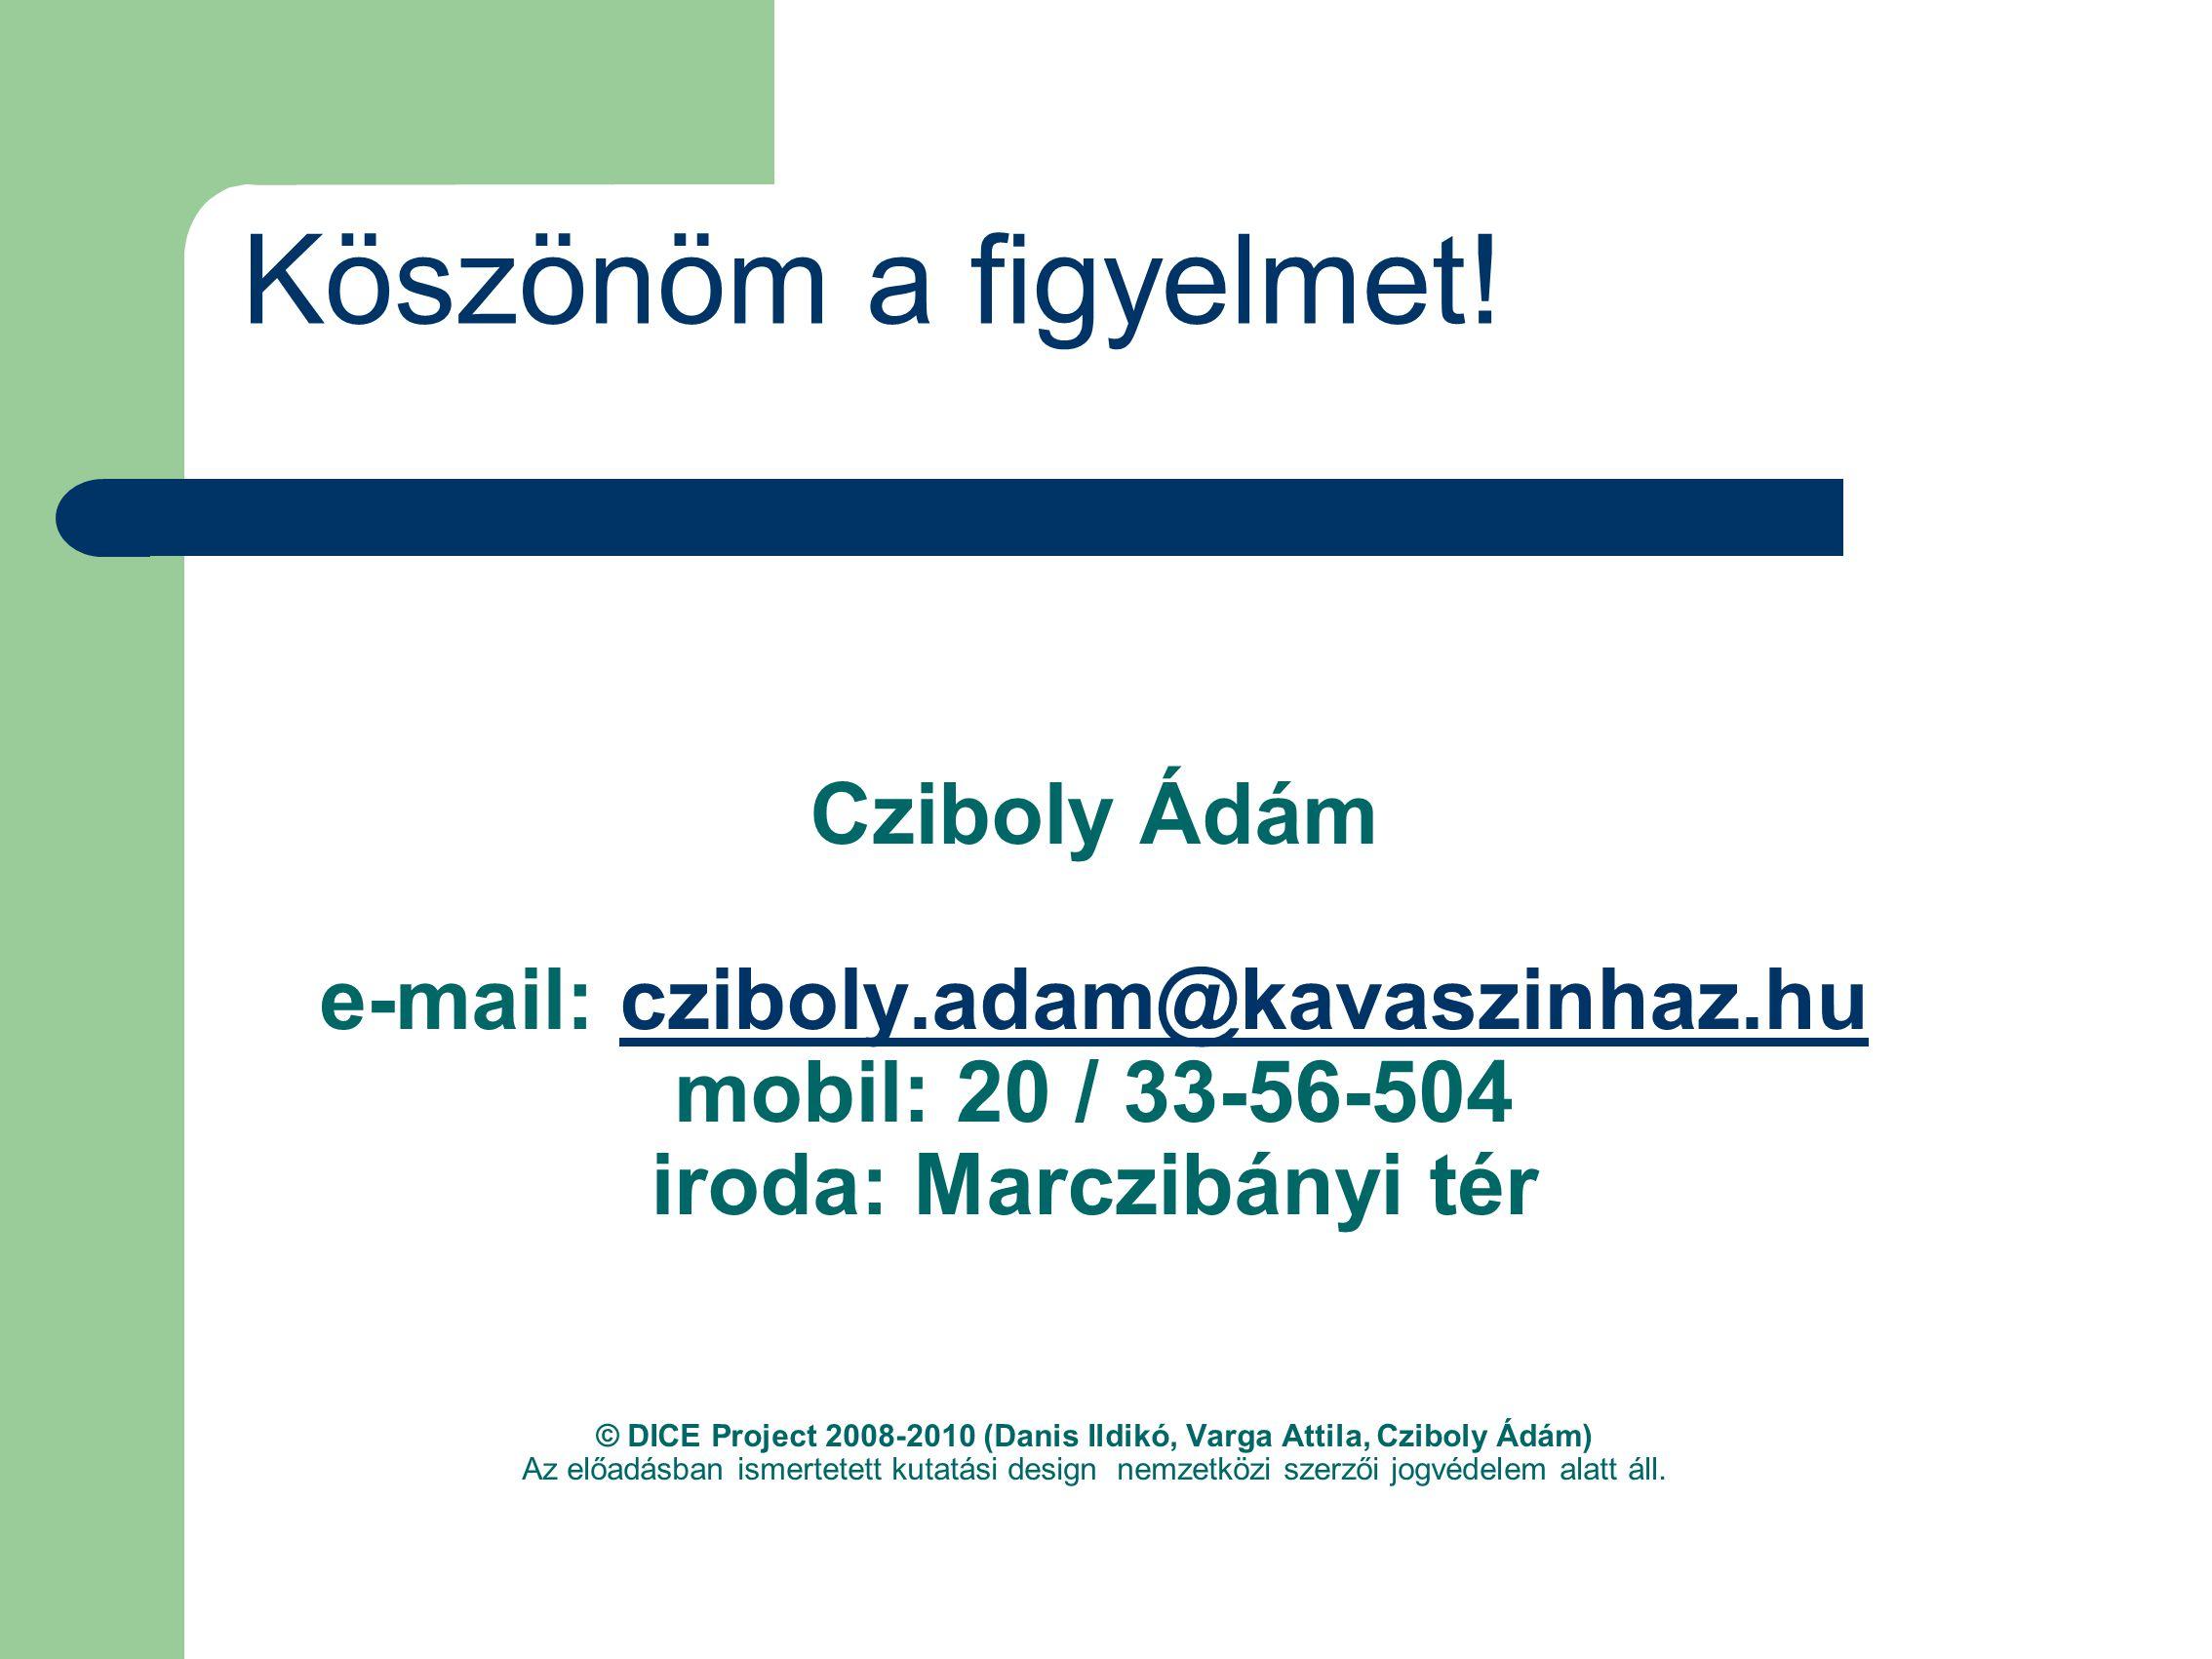 Cziboly Ádám e-mail: cziboly.adam@kavaszinhaz.hu mobil: 20 / 33-56-504 iroda: Marczibányi tér © DICE Project 2008-2010 (Danis Ildikó, Varga Attila, Cz